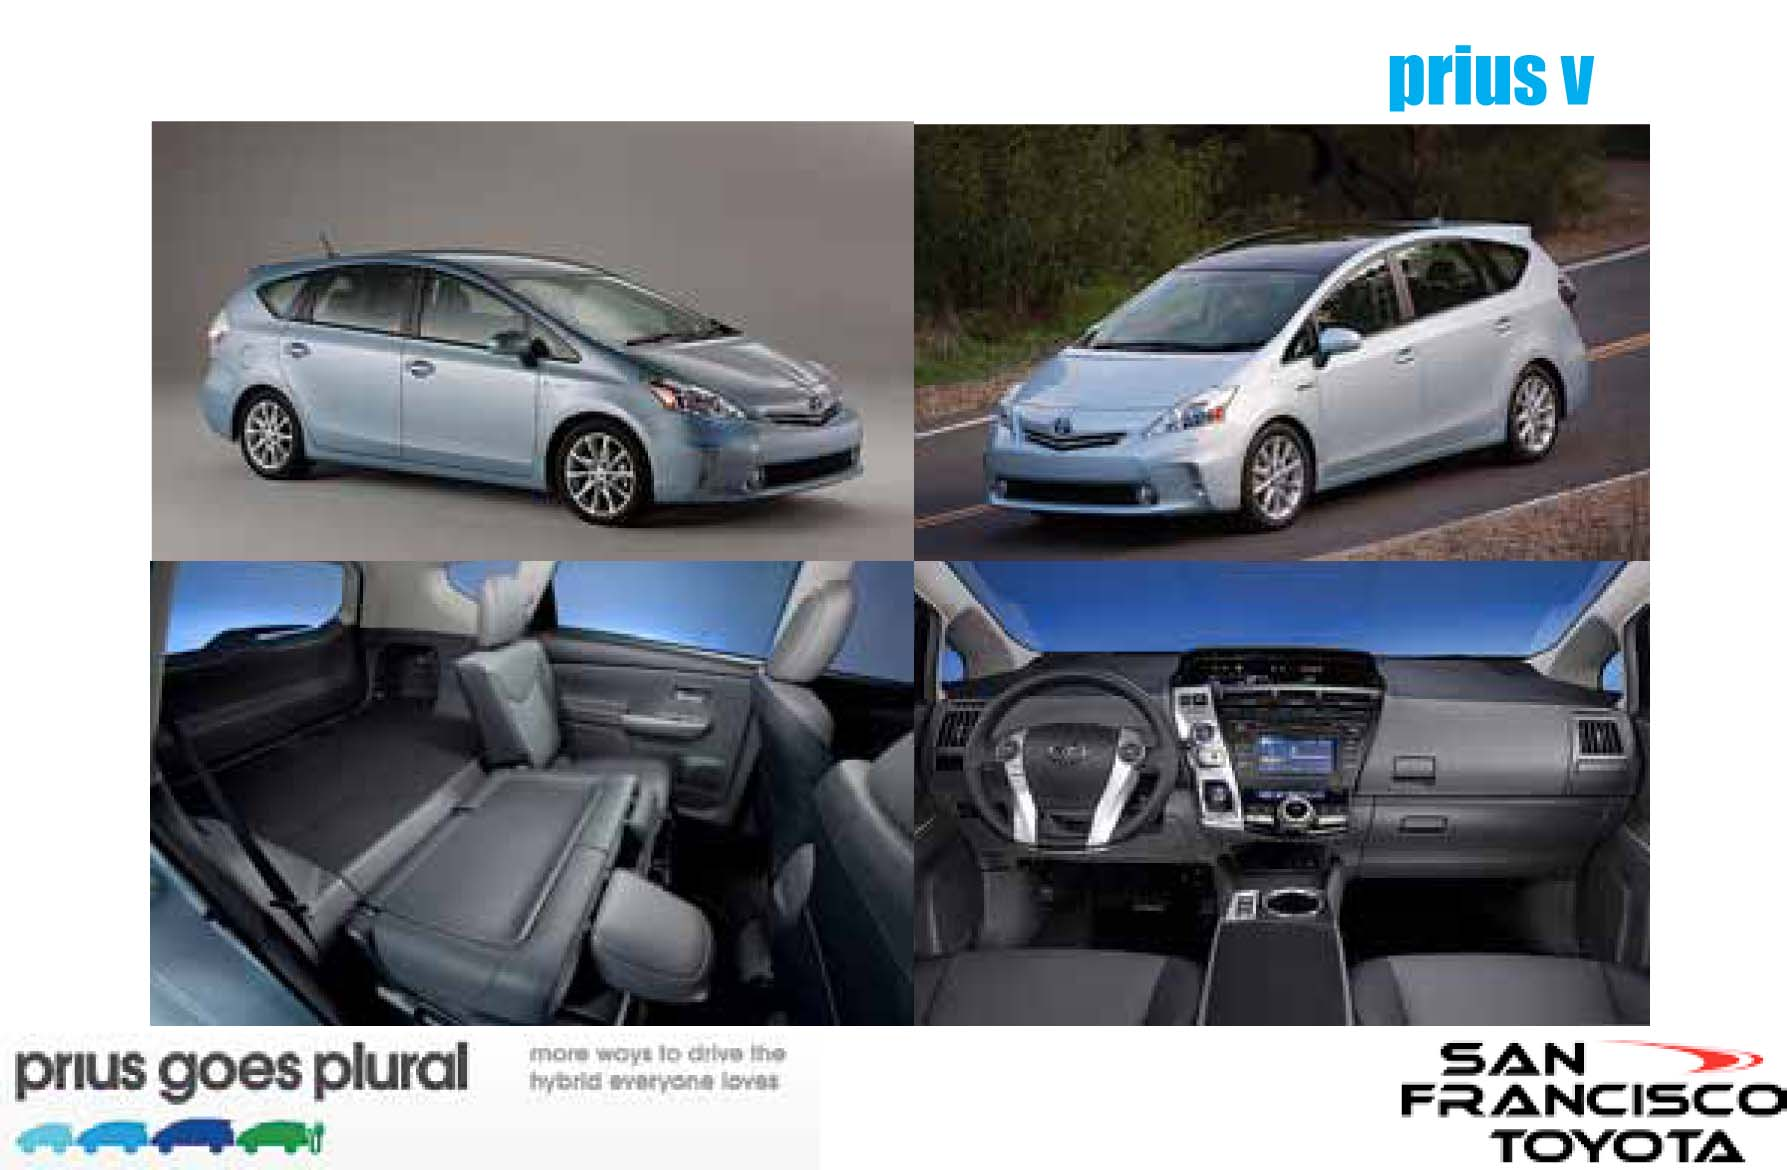 Take A Look At 2011 Prius V Ilovesftoyota